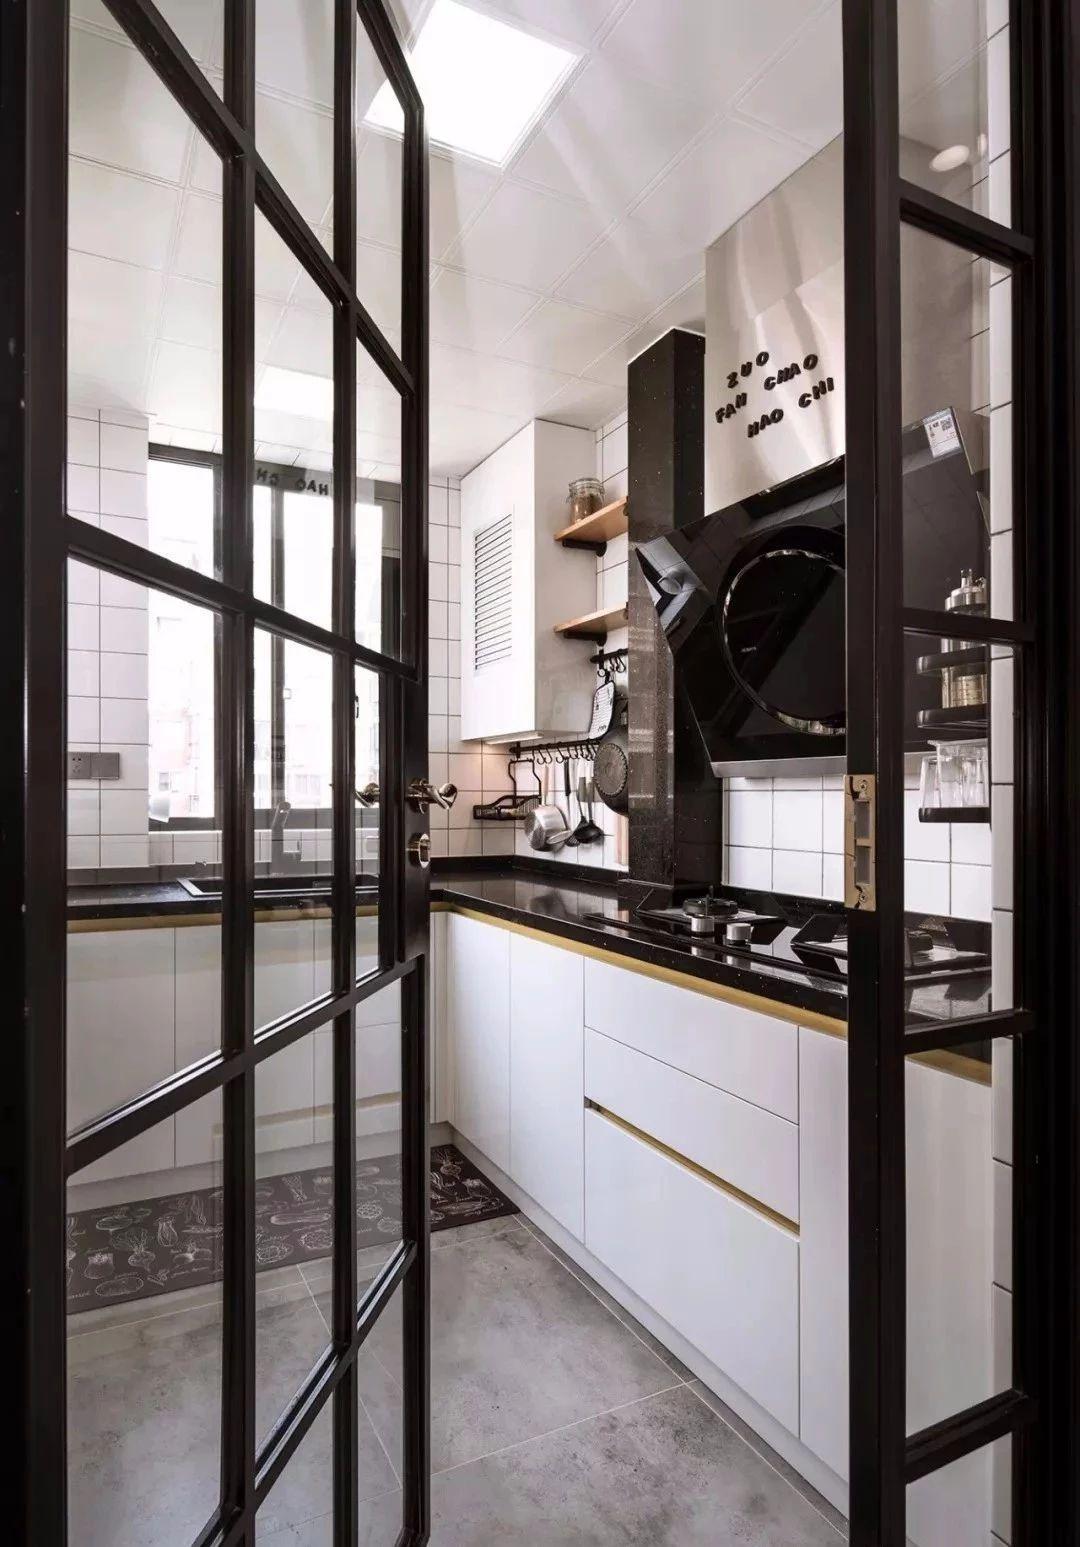 简约 北欧 鹏友百年 半包 全包 全案设计 厨房图片来自鹏友百年装饰在阳台不装栏杆,开放式厨房!的分享